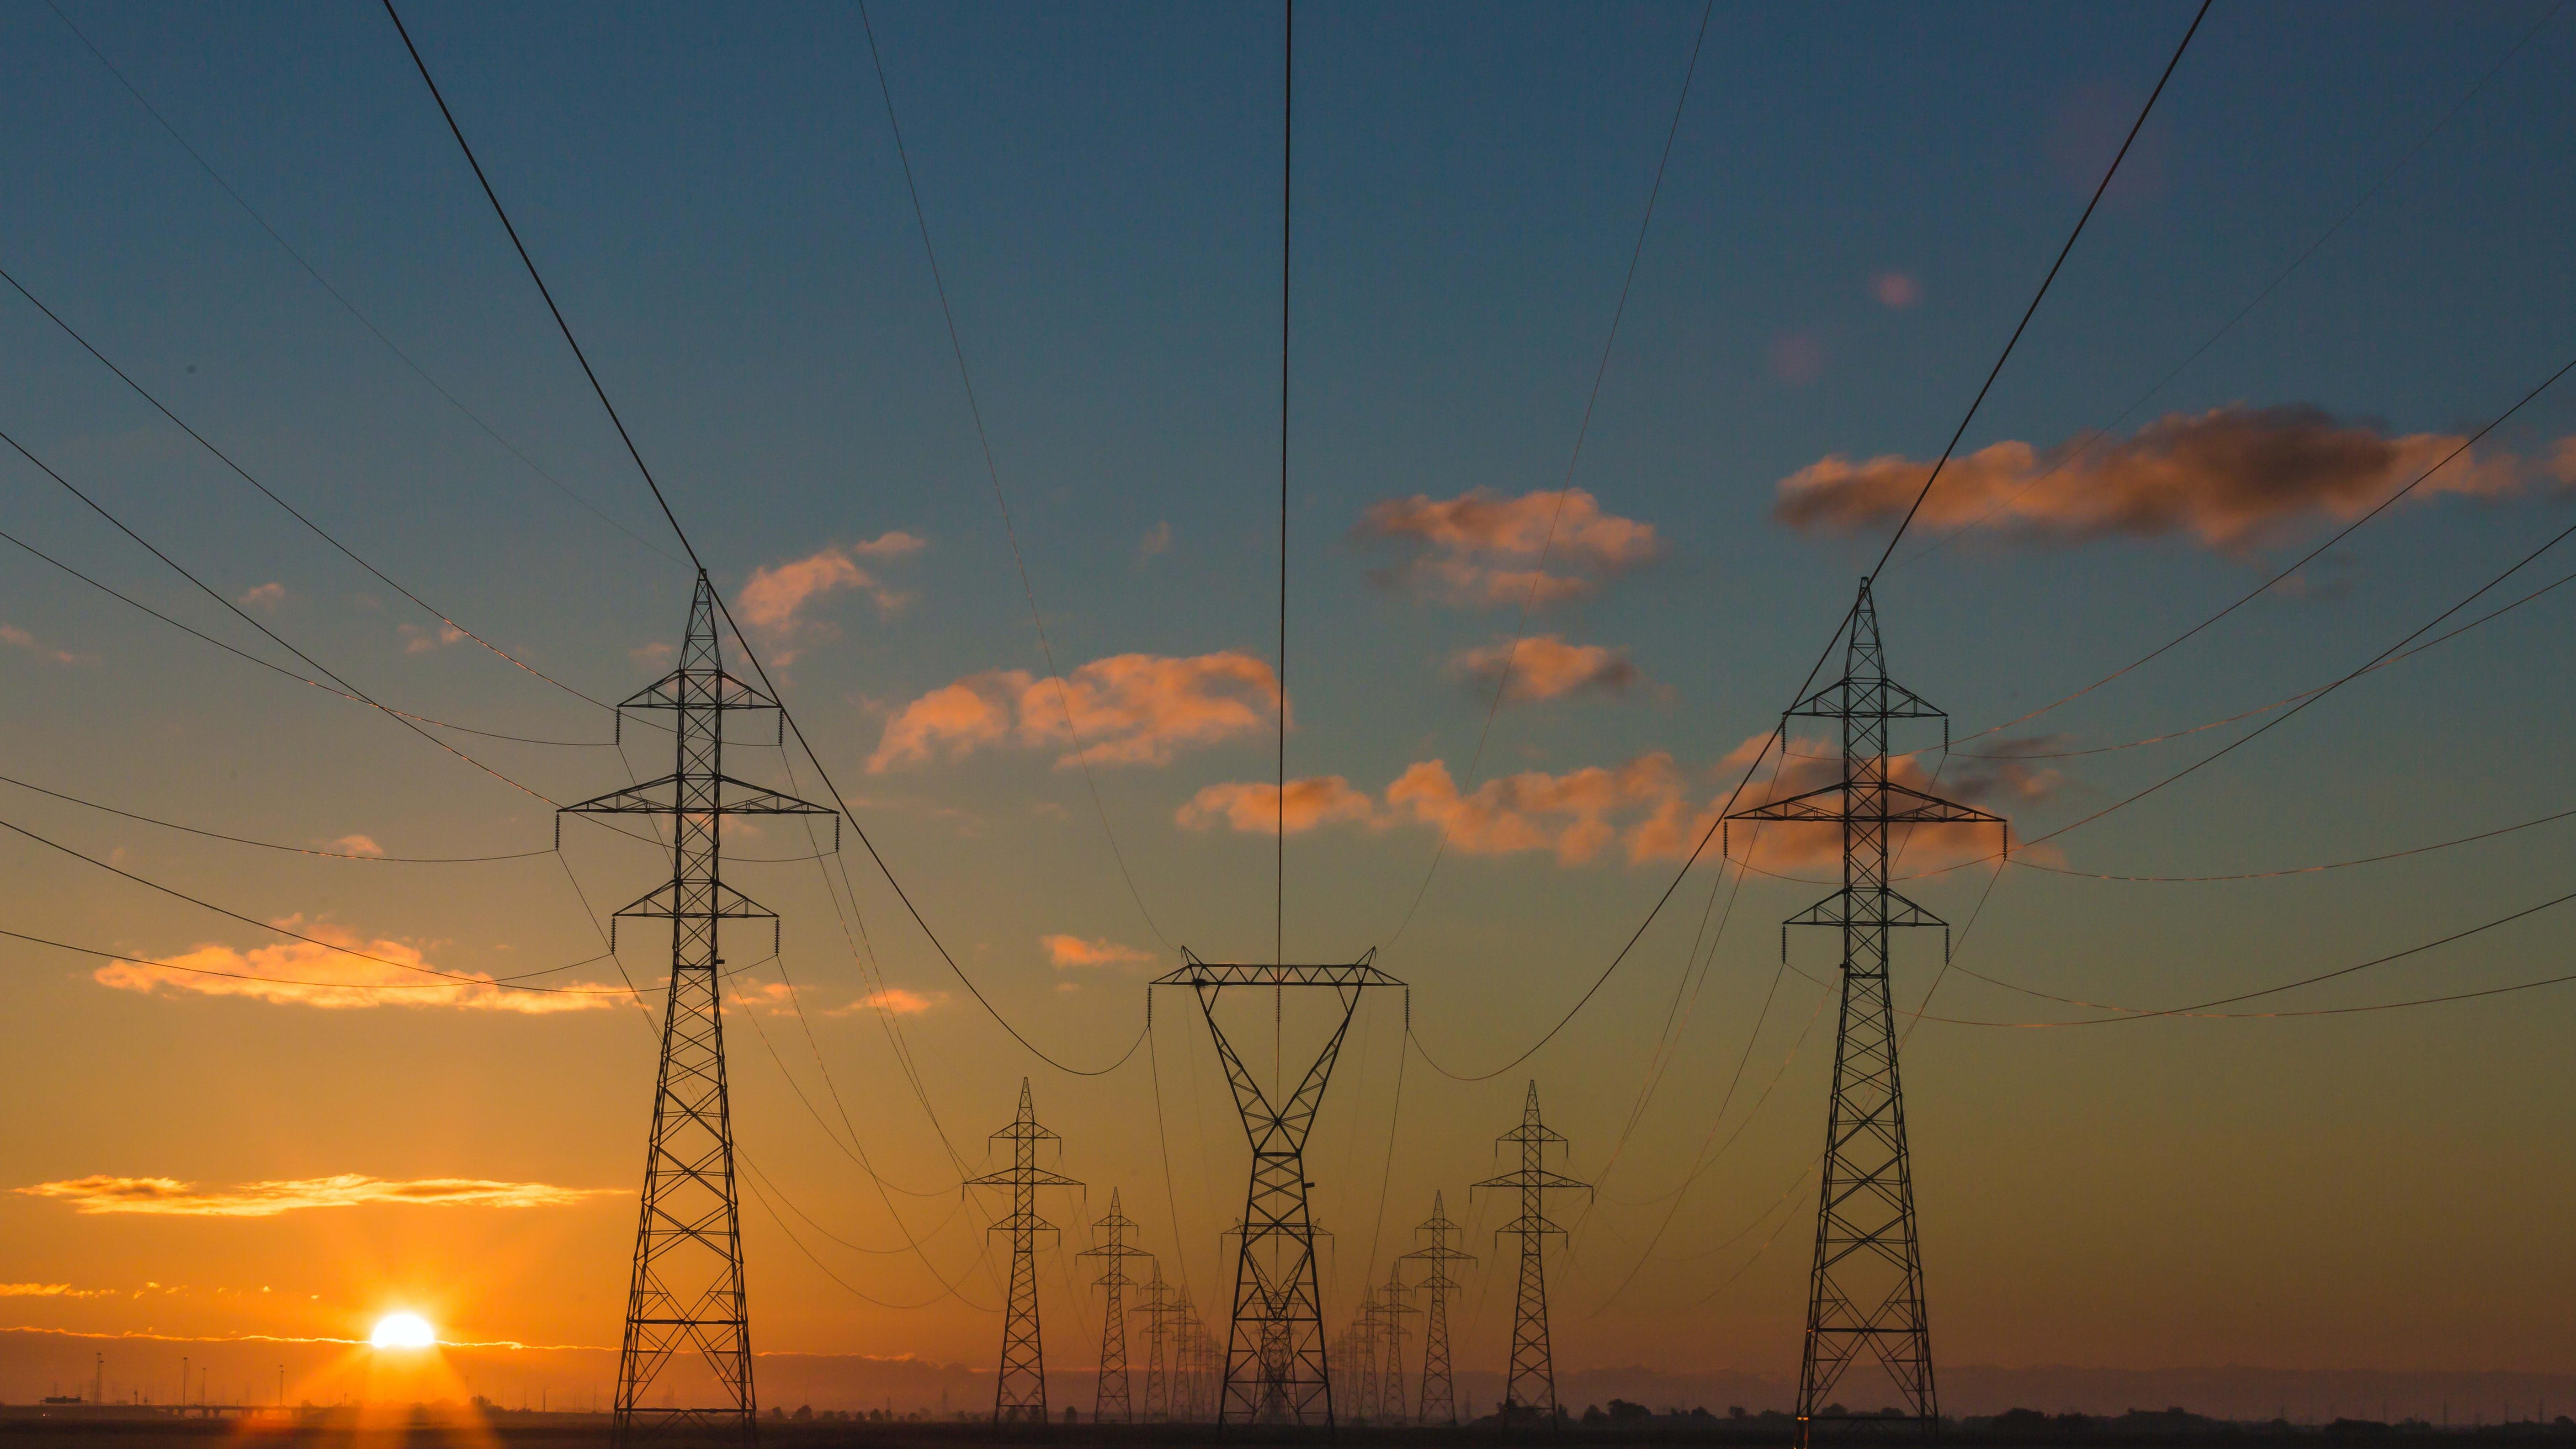 Comment choisir un contrat d'énergie pour sa maison?